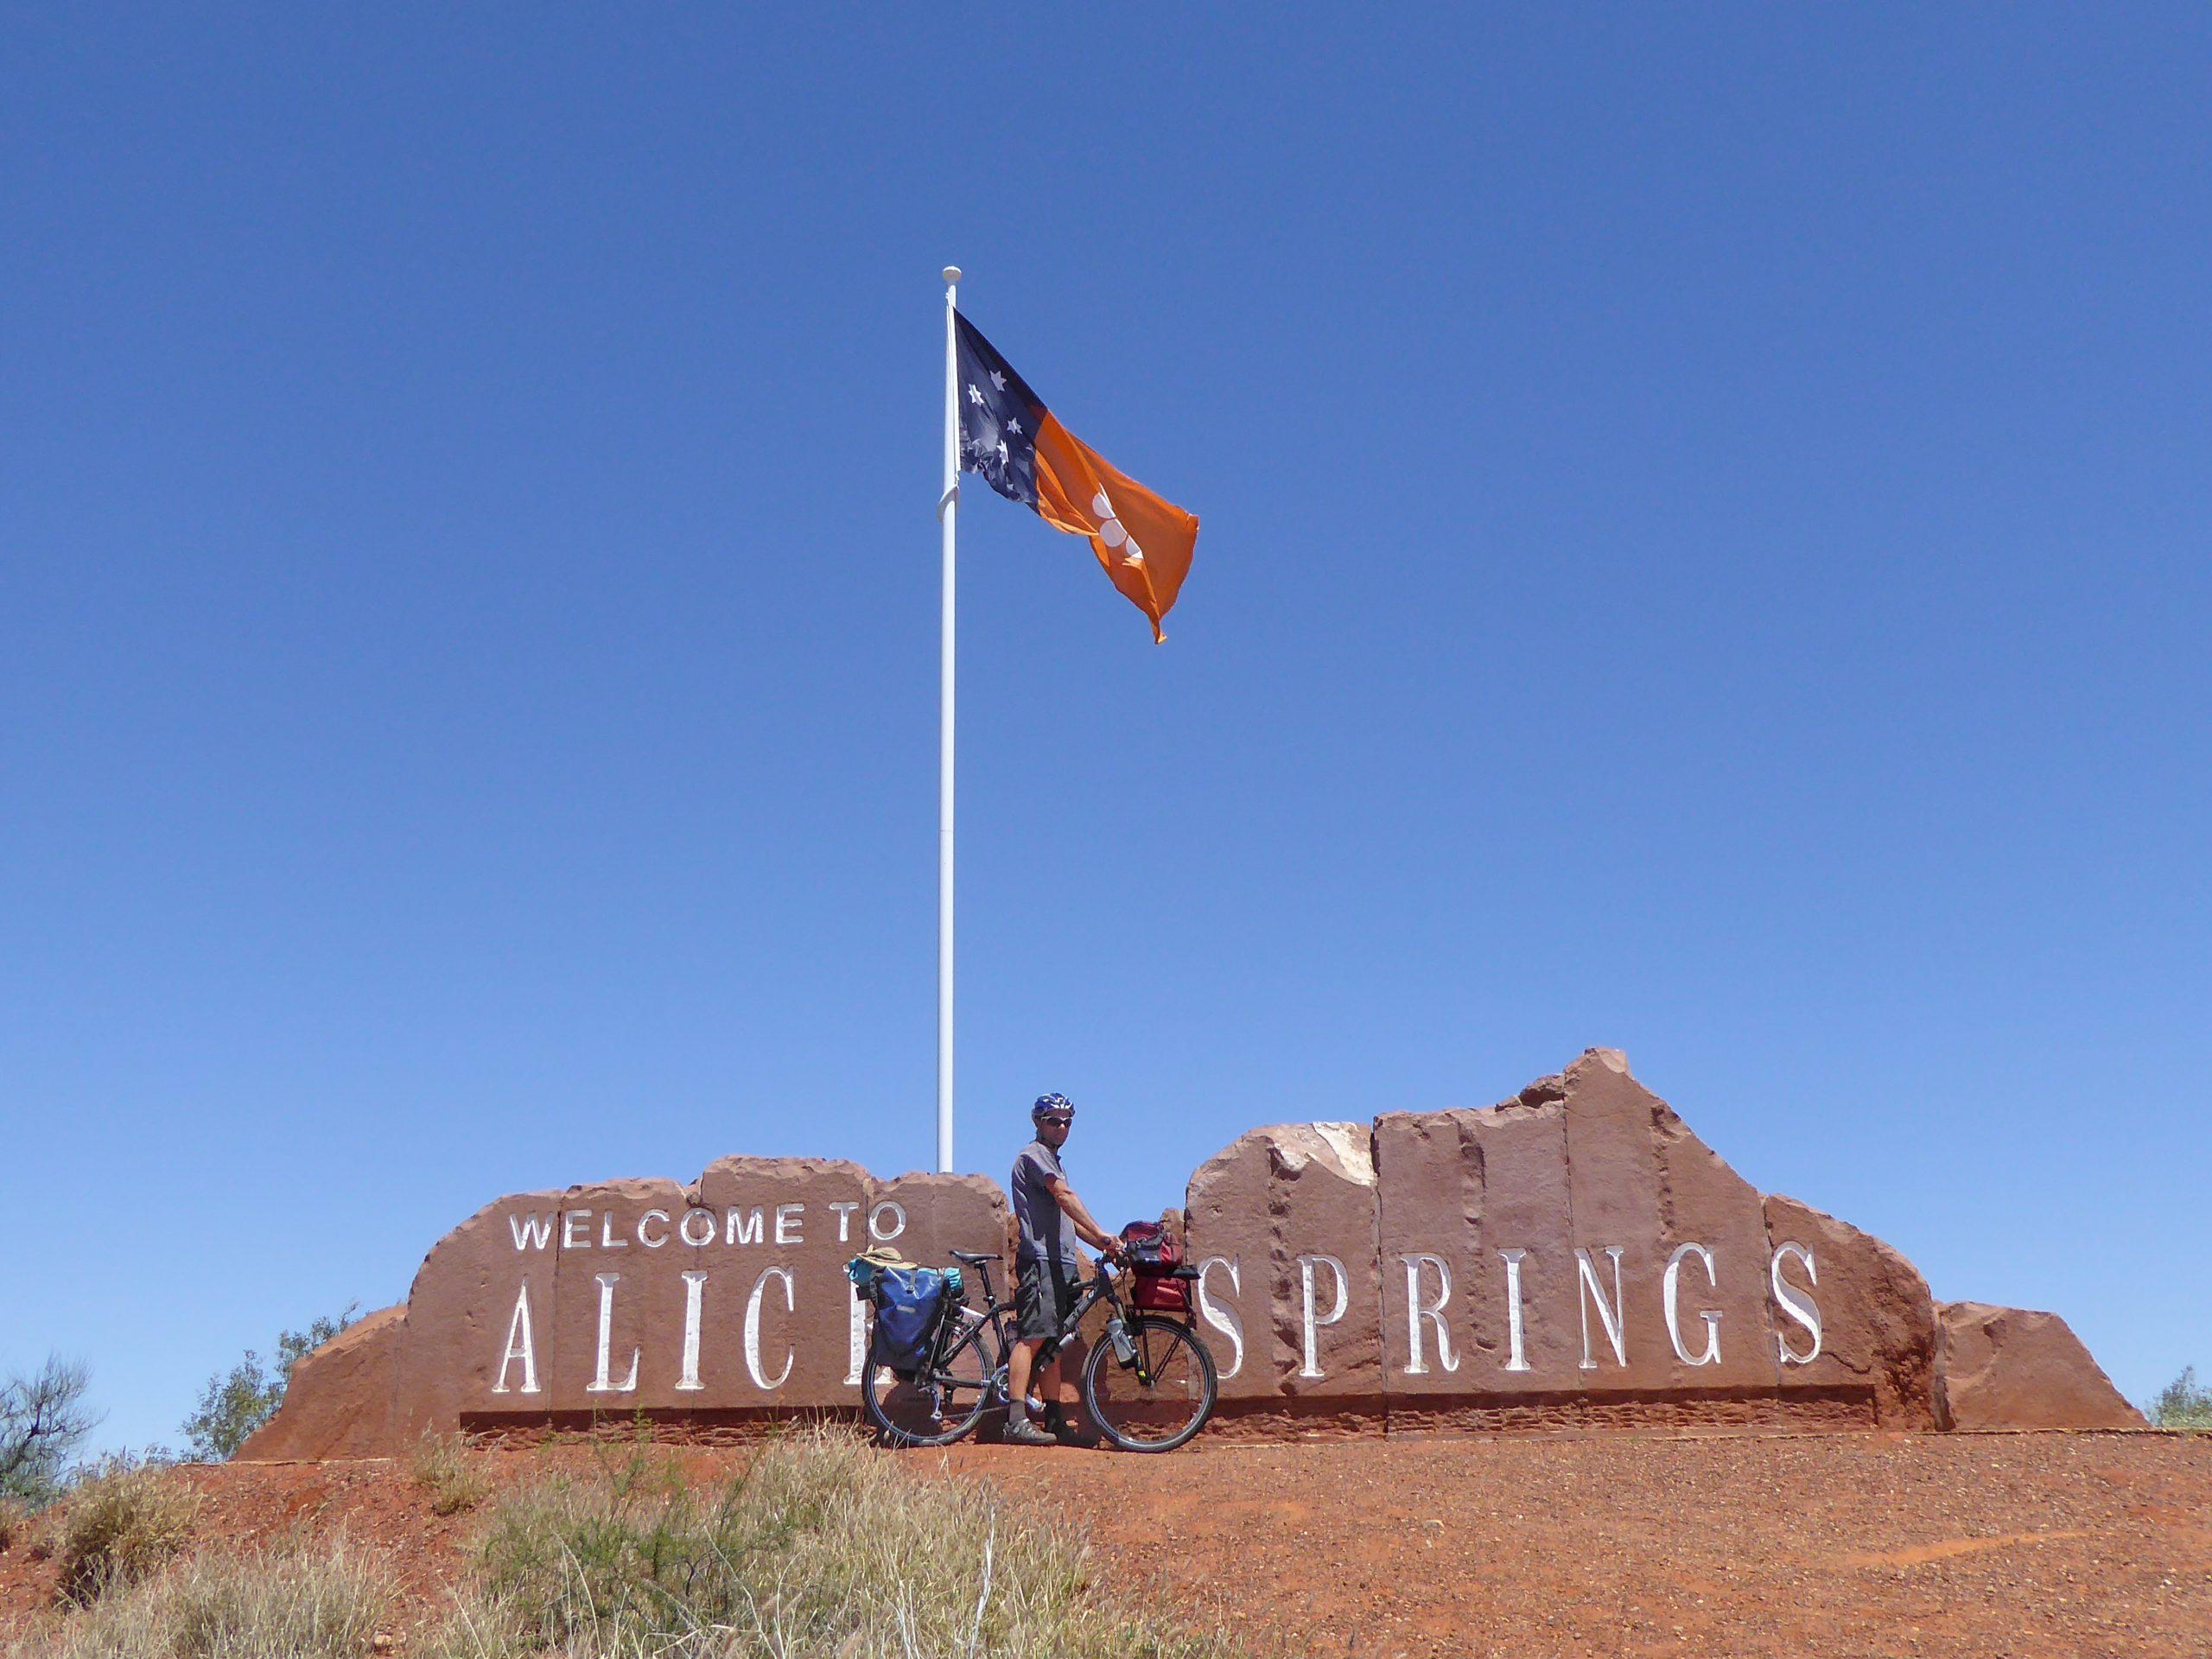 Radreise Australien 2016 - Alice Springs